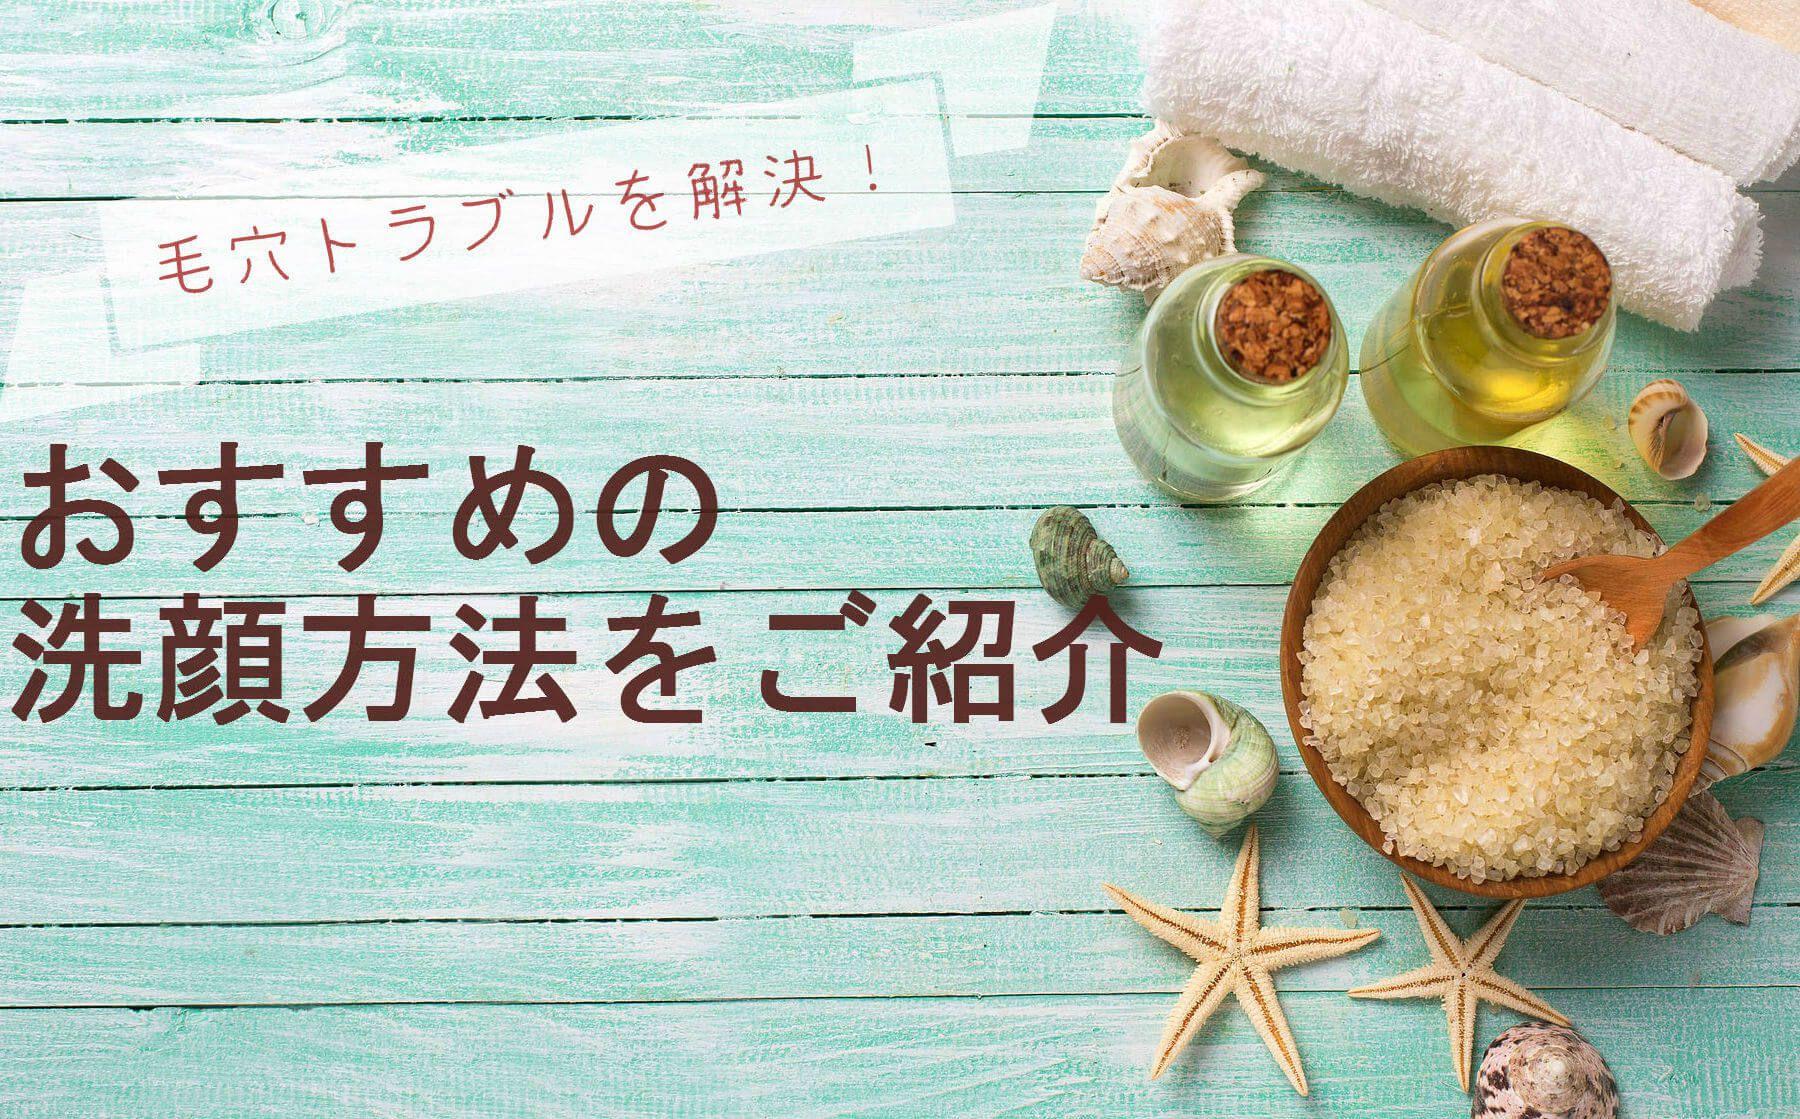 毛穴の黒ずみ・つまりにおさらば!おすすめの洗顔方法を解説!